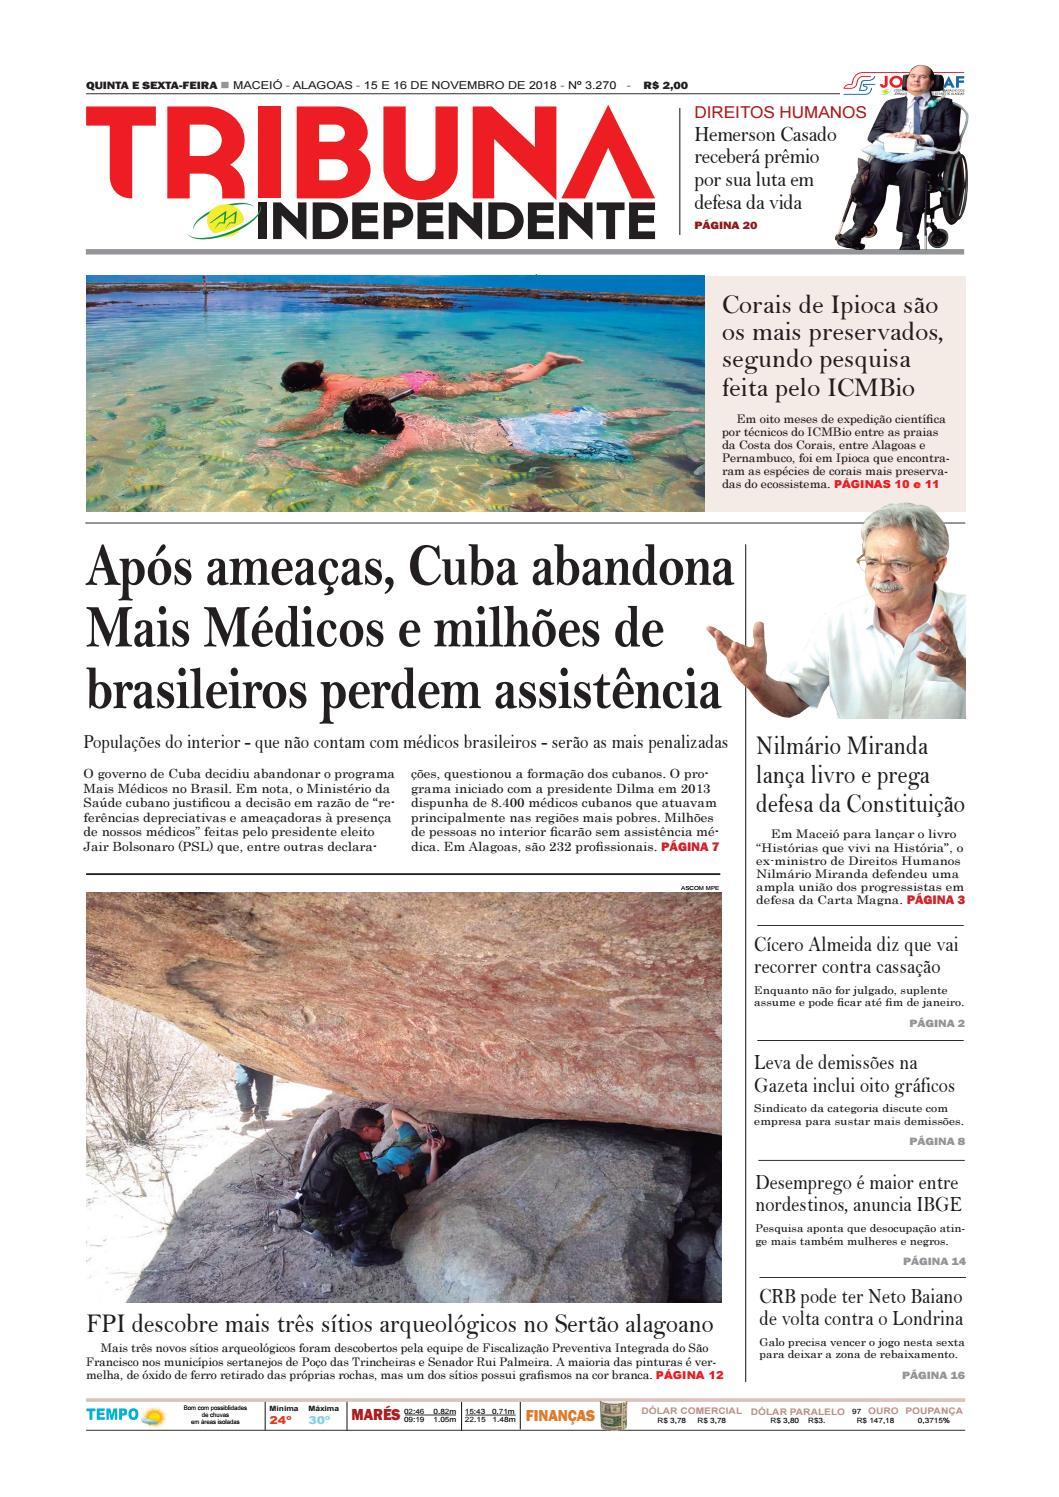 3a17c6f74b20c Edição número 3270 - 15 e 16 de novembro de 2018 by Tribuna Hoje - issuu